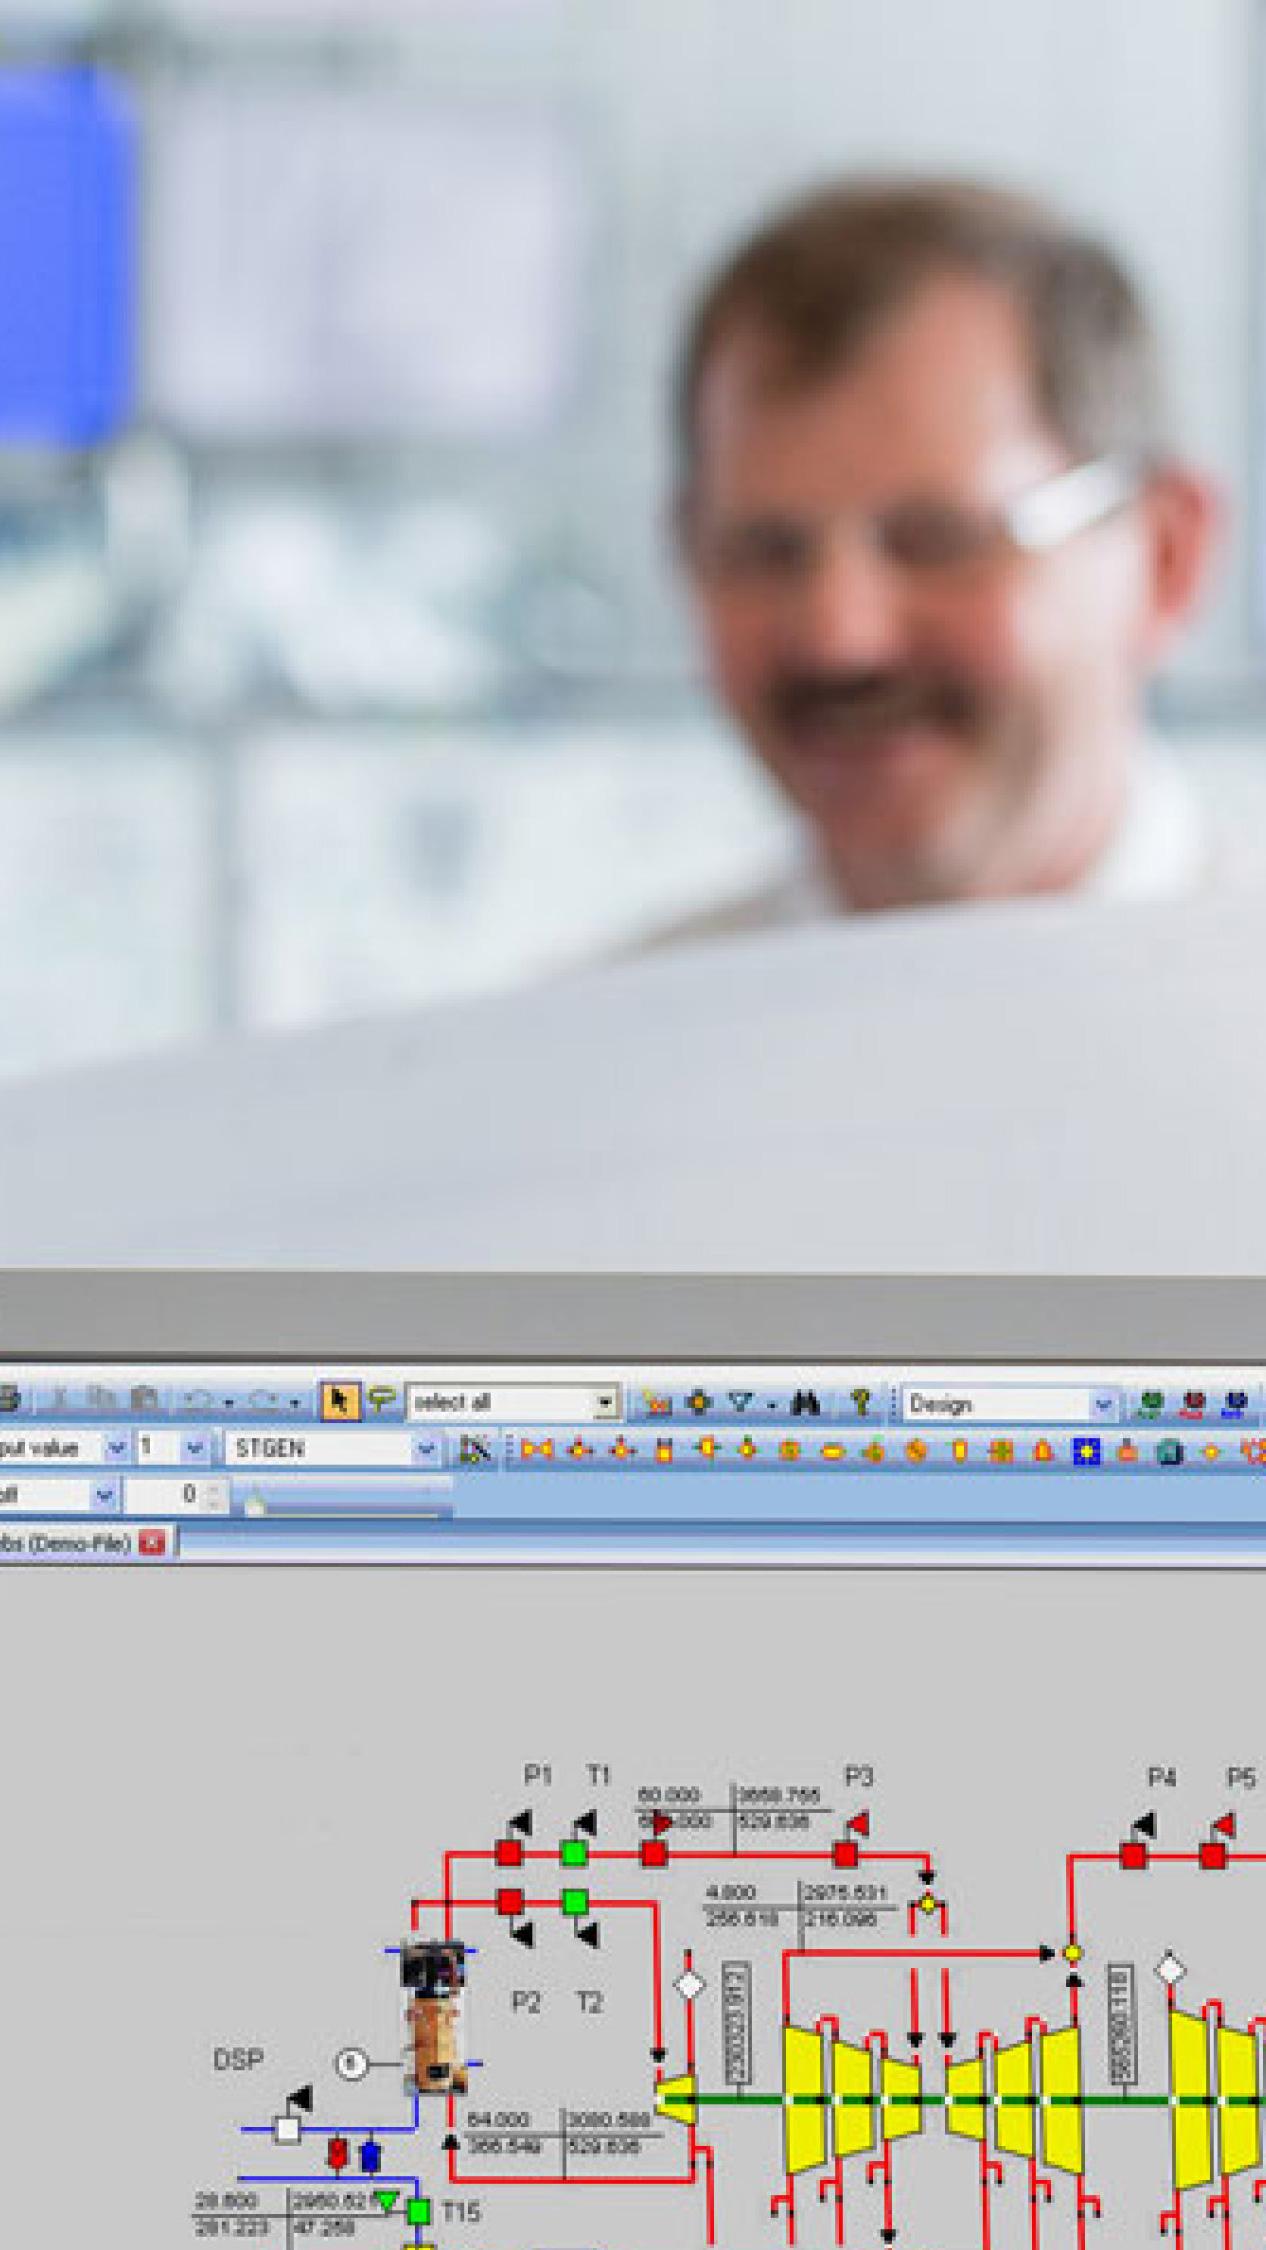 uploads/pics/https://www.ebsilon.com/uploads/pics/200803_STE_Header_Ebsilon2_9_16.jpg